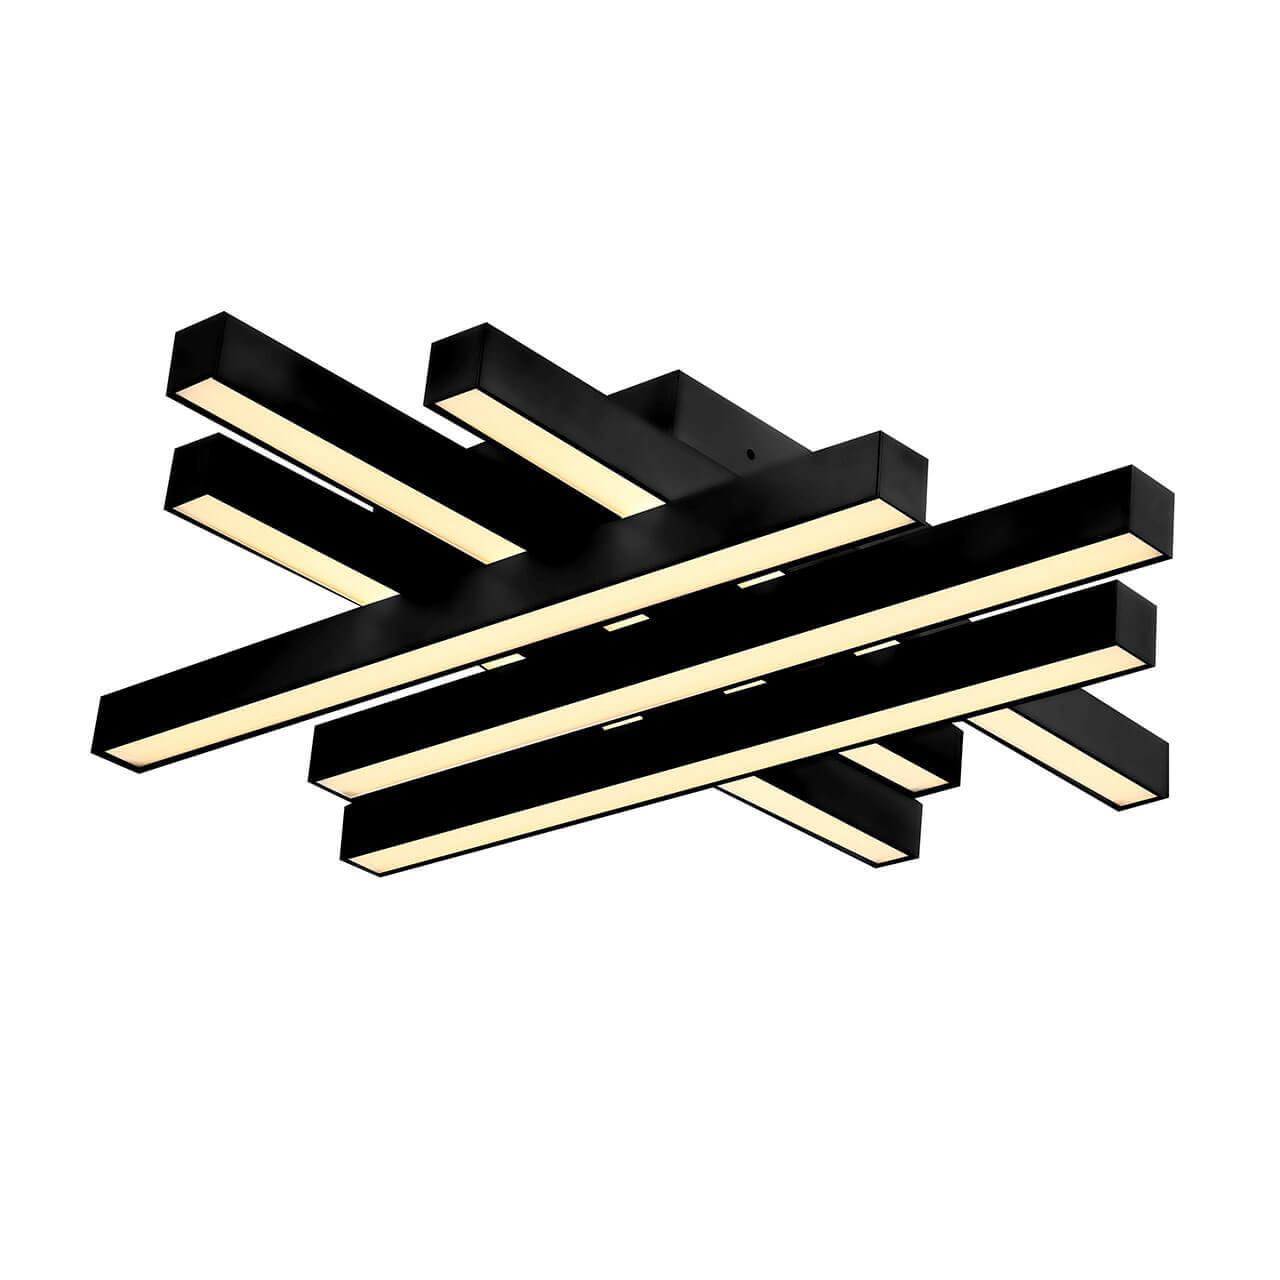 Потолочный светодиодный светильник Horoz Trend черный 019-009-0050 истинный цвет truecolor 0 5 мм черный нейтральный ручка для сердечника 20 коробка gr 009